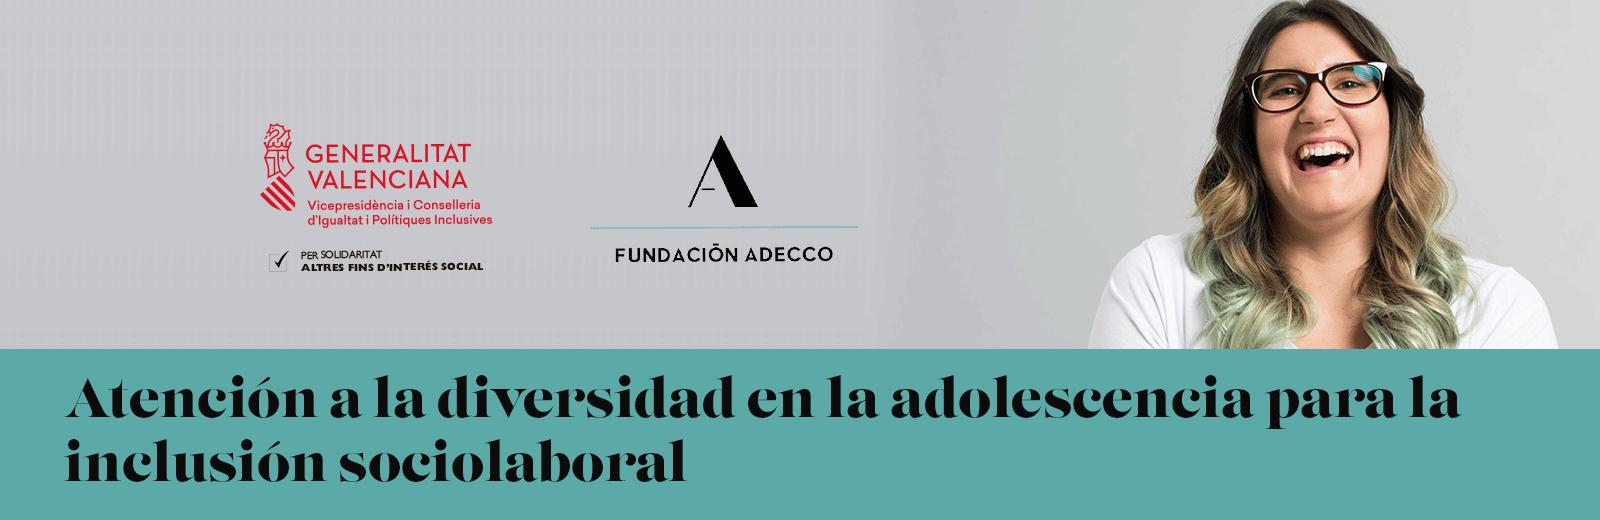 Programa de empleo atención a la diversidad en la adolescencia para su futura inclusión sociolaboral.